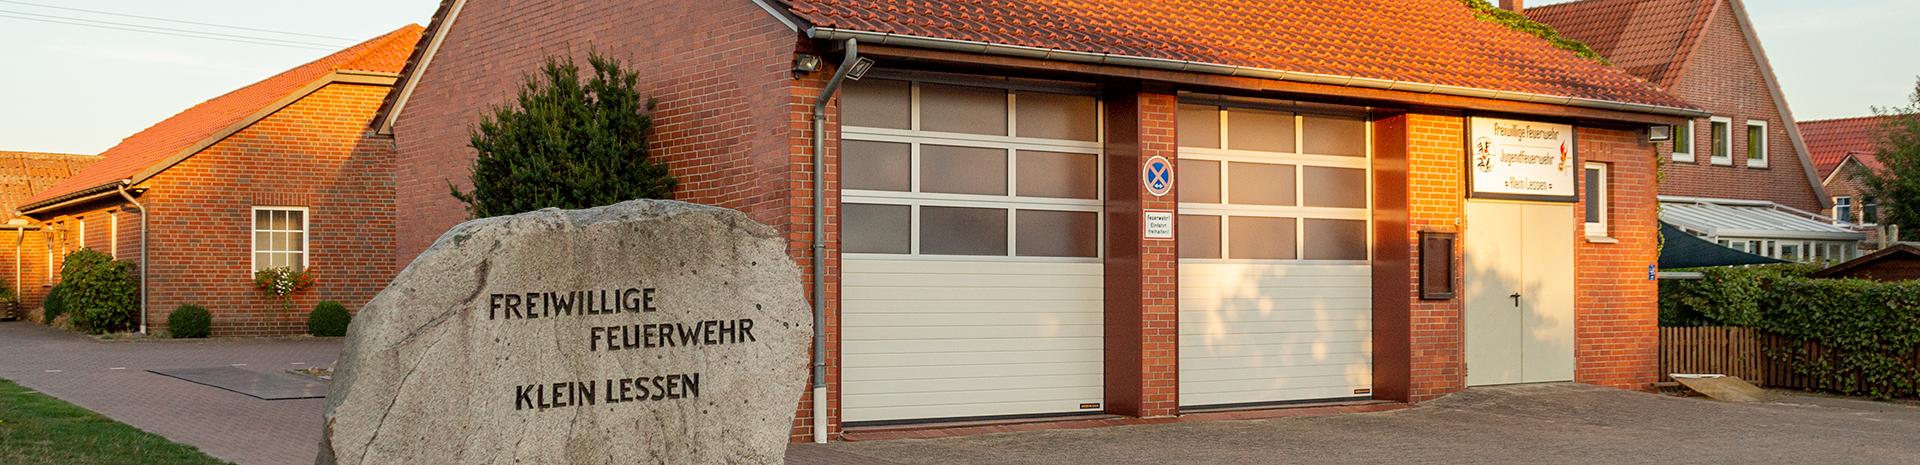 Feuerwehrhaus Klein Lessen